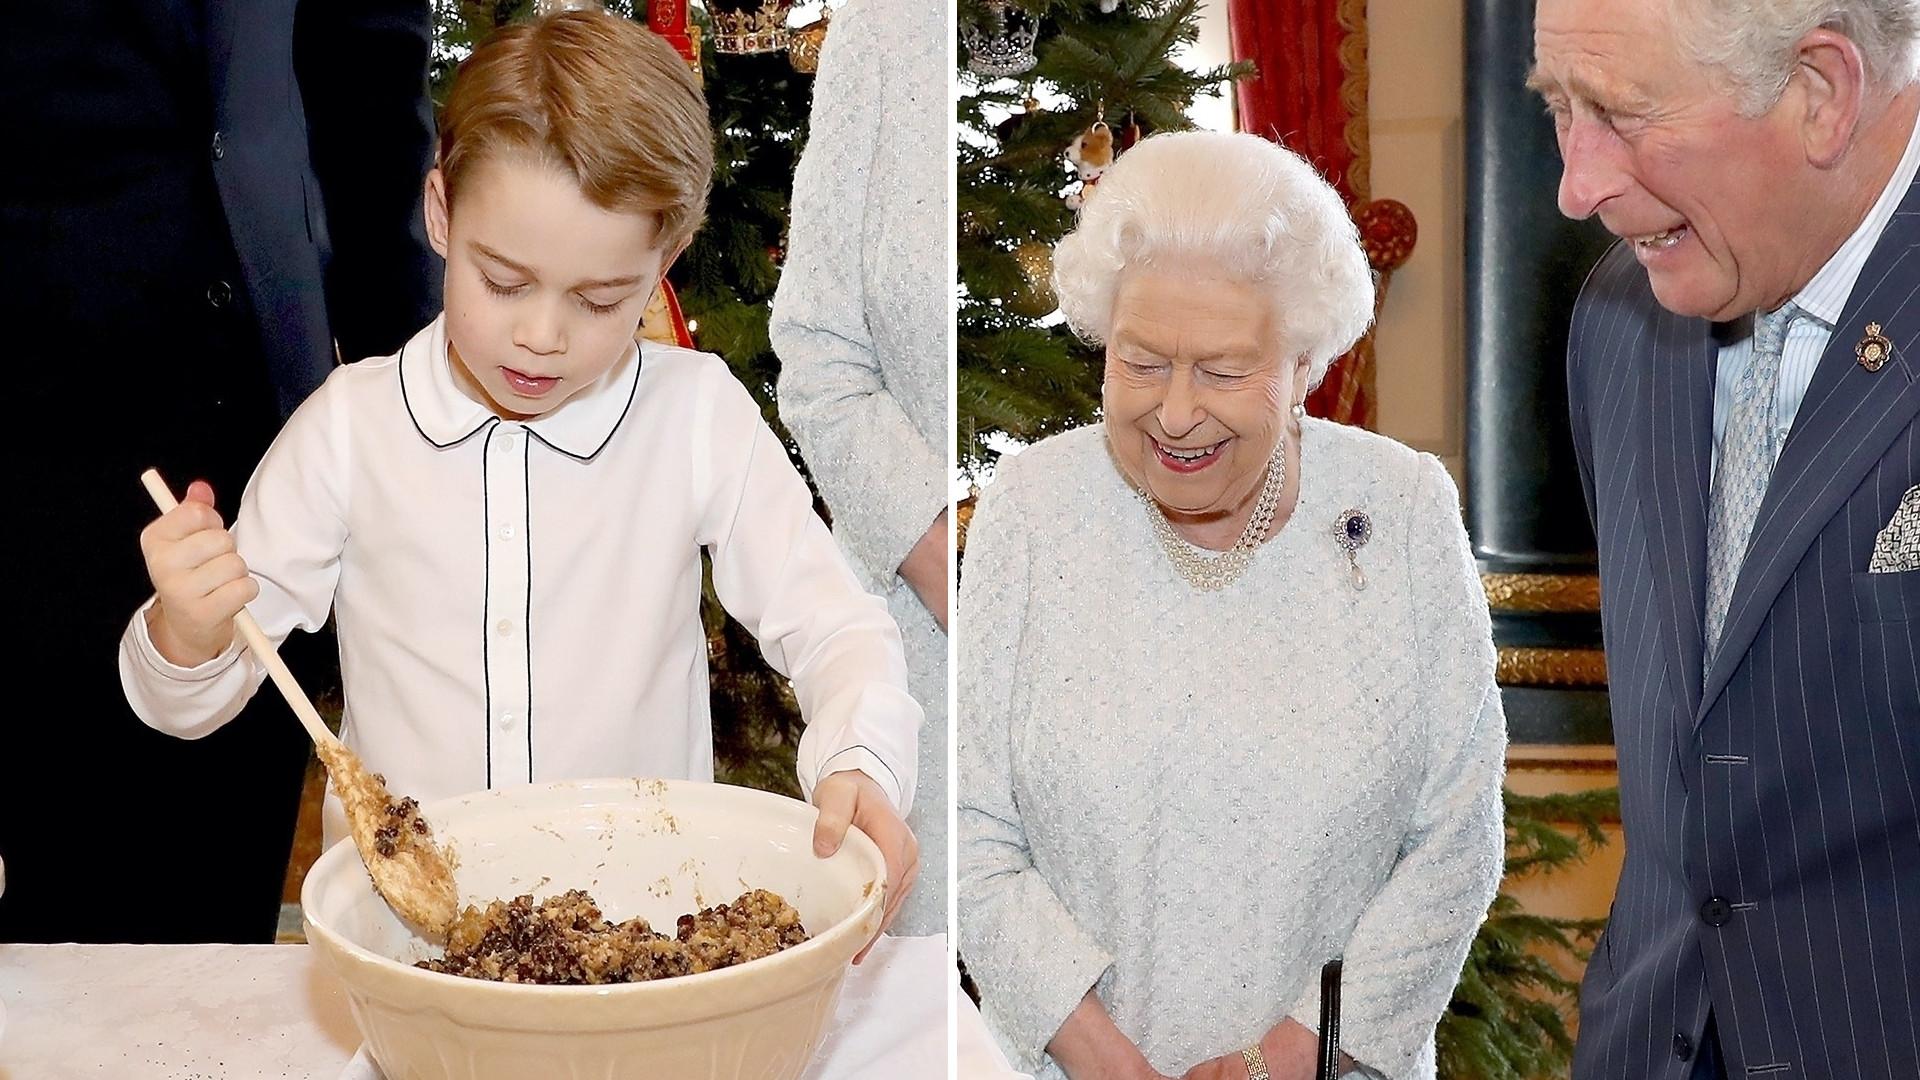 Książę George miesza świąteczne danie w misce, a prababcia Ela, dziadek Karol i tata William kibicują mu w pracy (ZDJĘCIA)